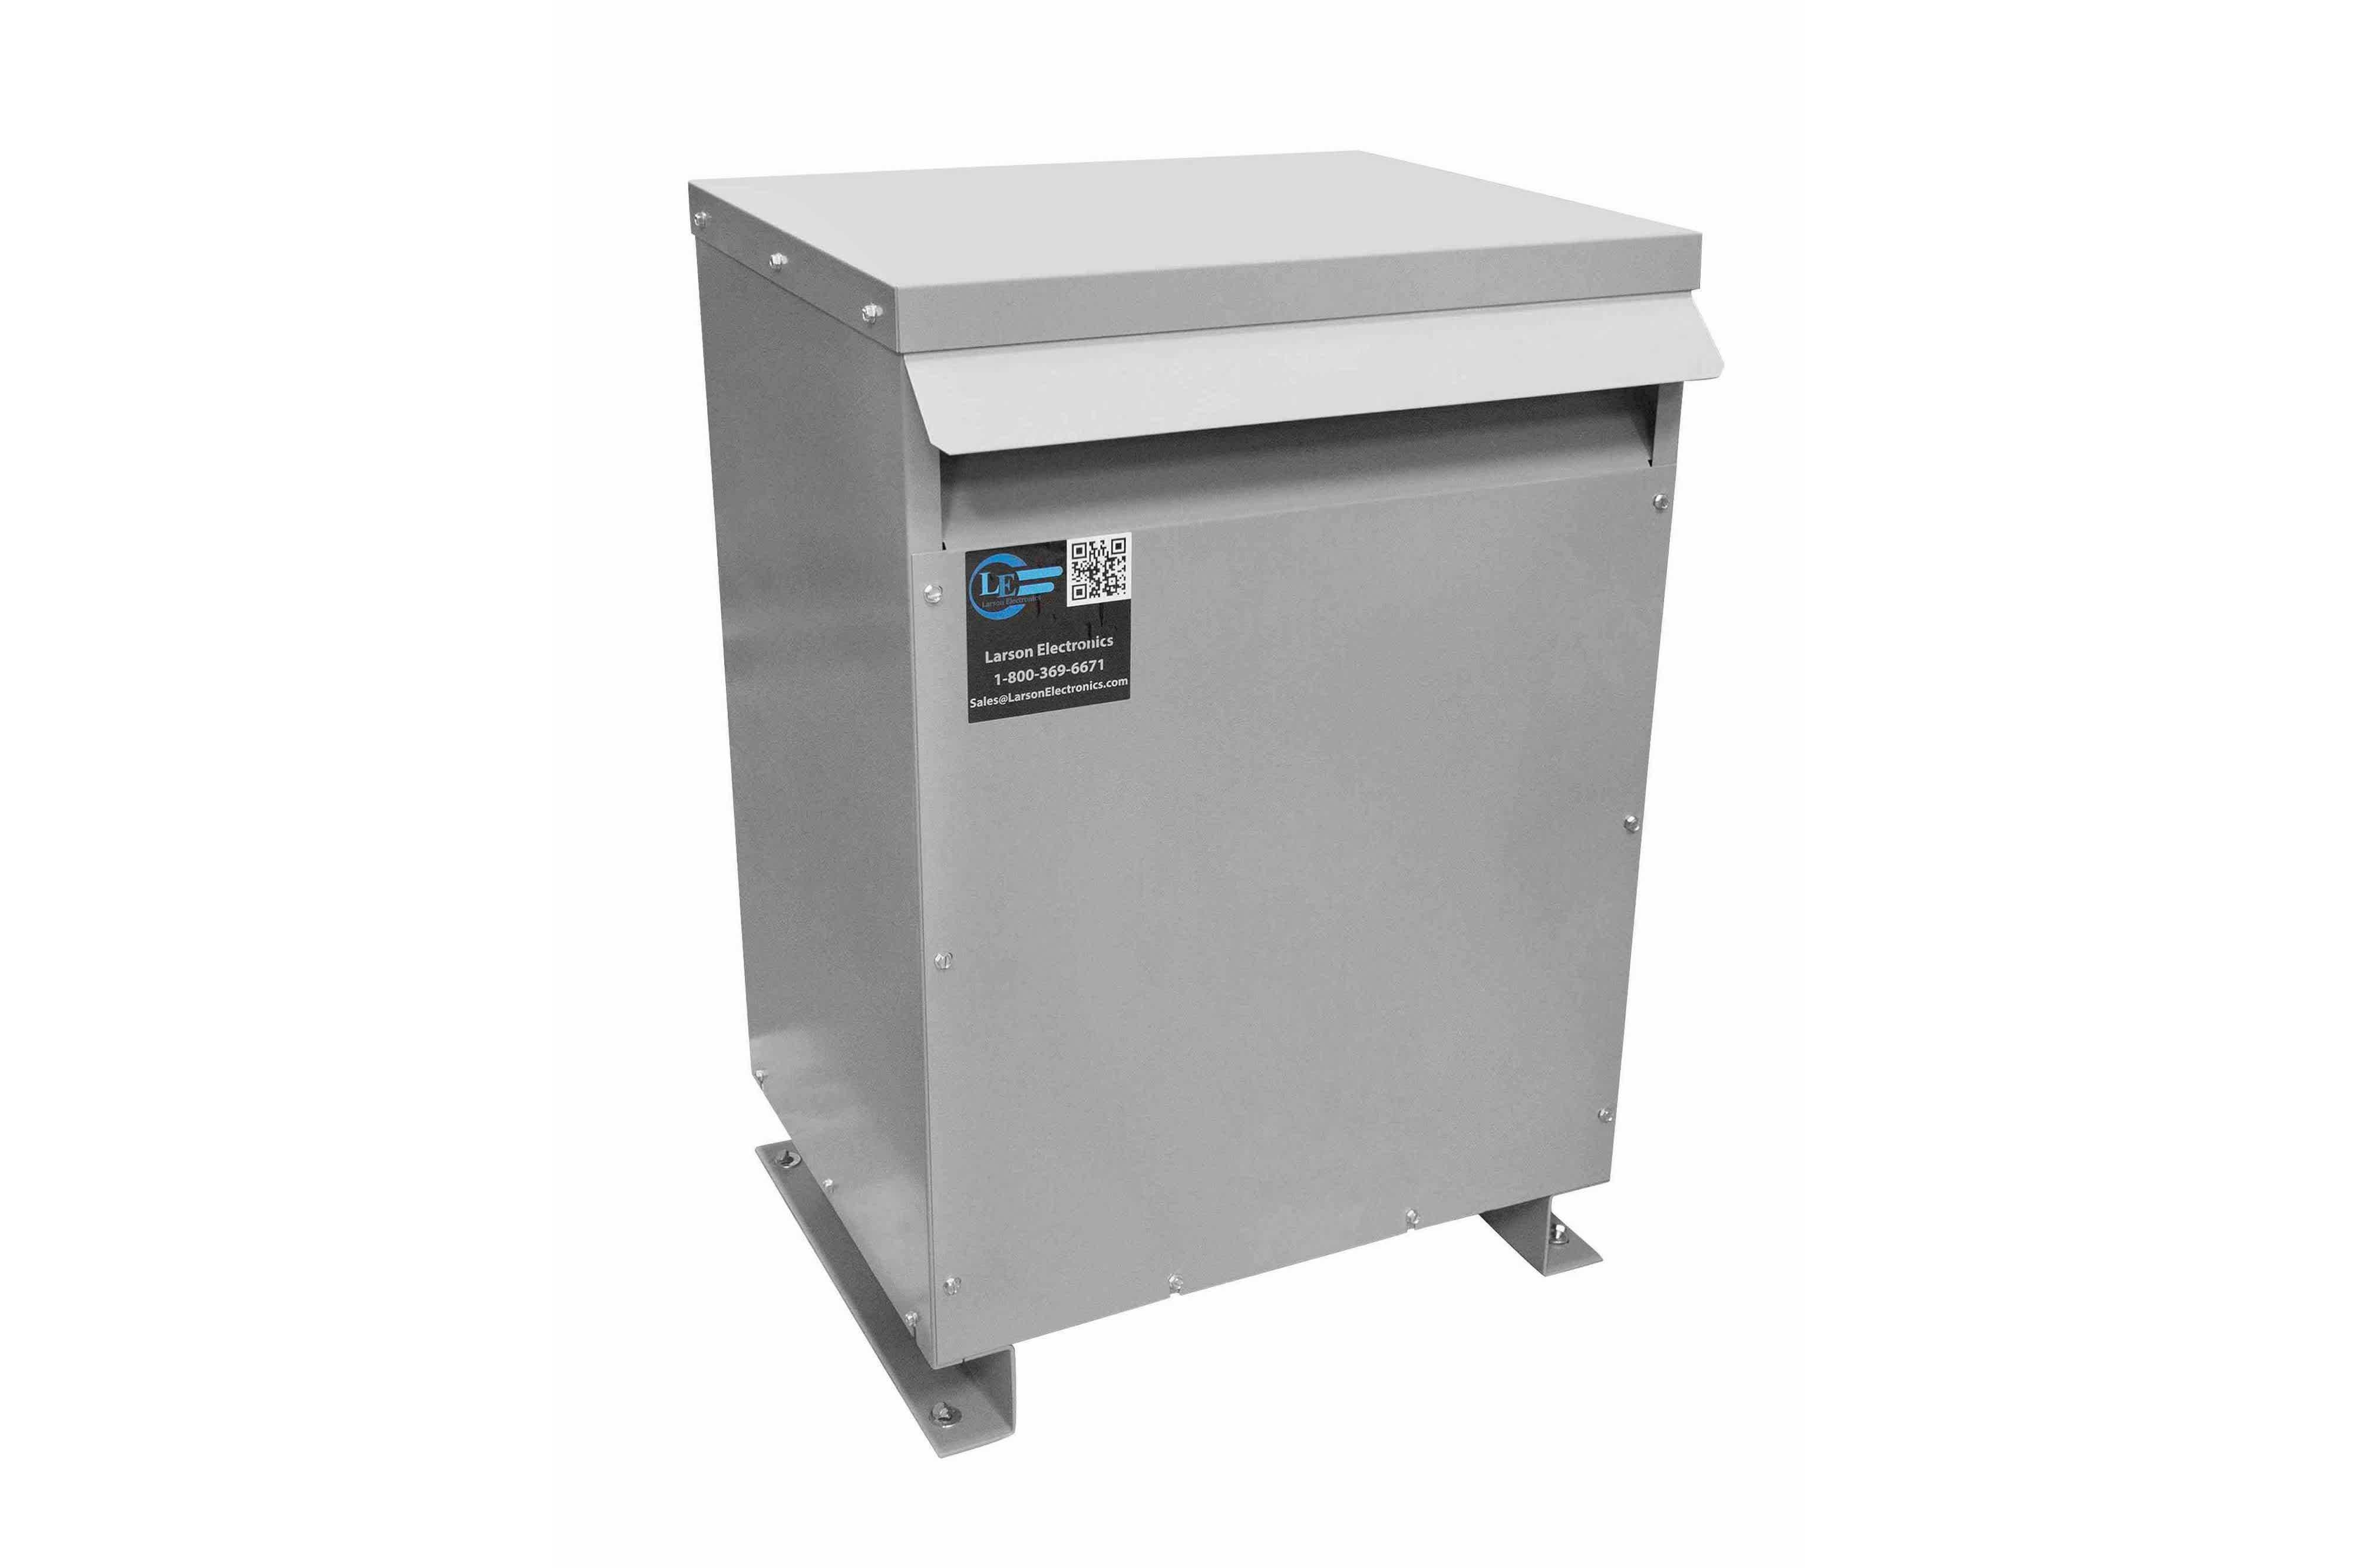 13 kVA 3PH Isolation Transformer, 415V Delta Primary, 600V Delta Secondary, N3R, Ventilated, 60 Hz